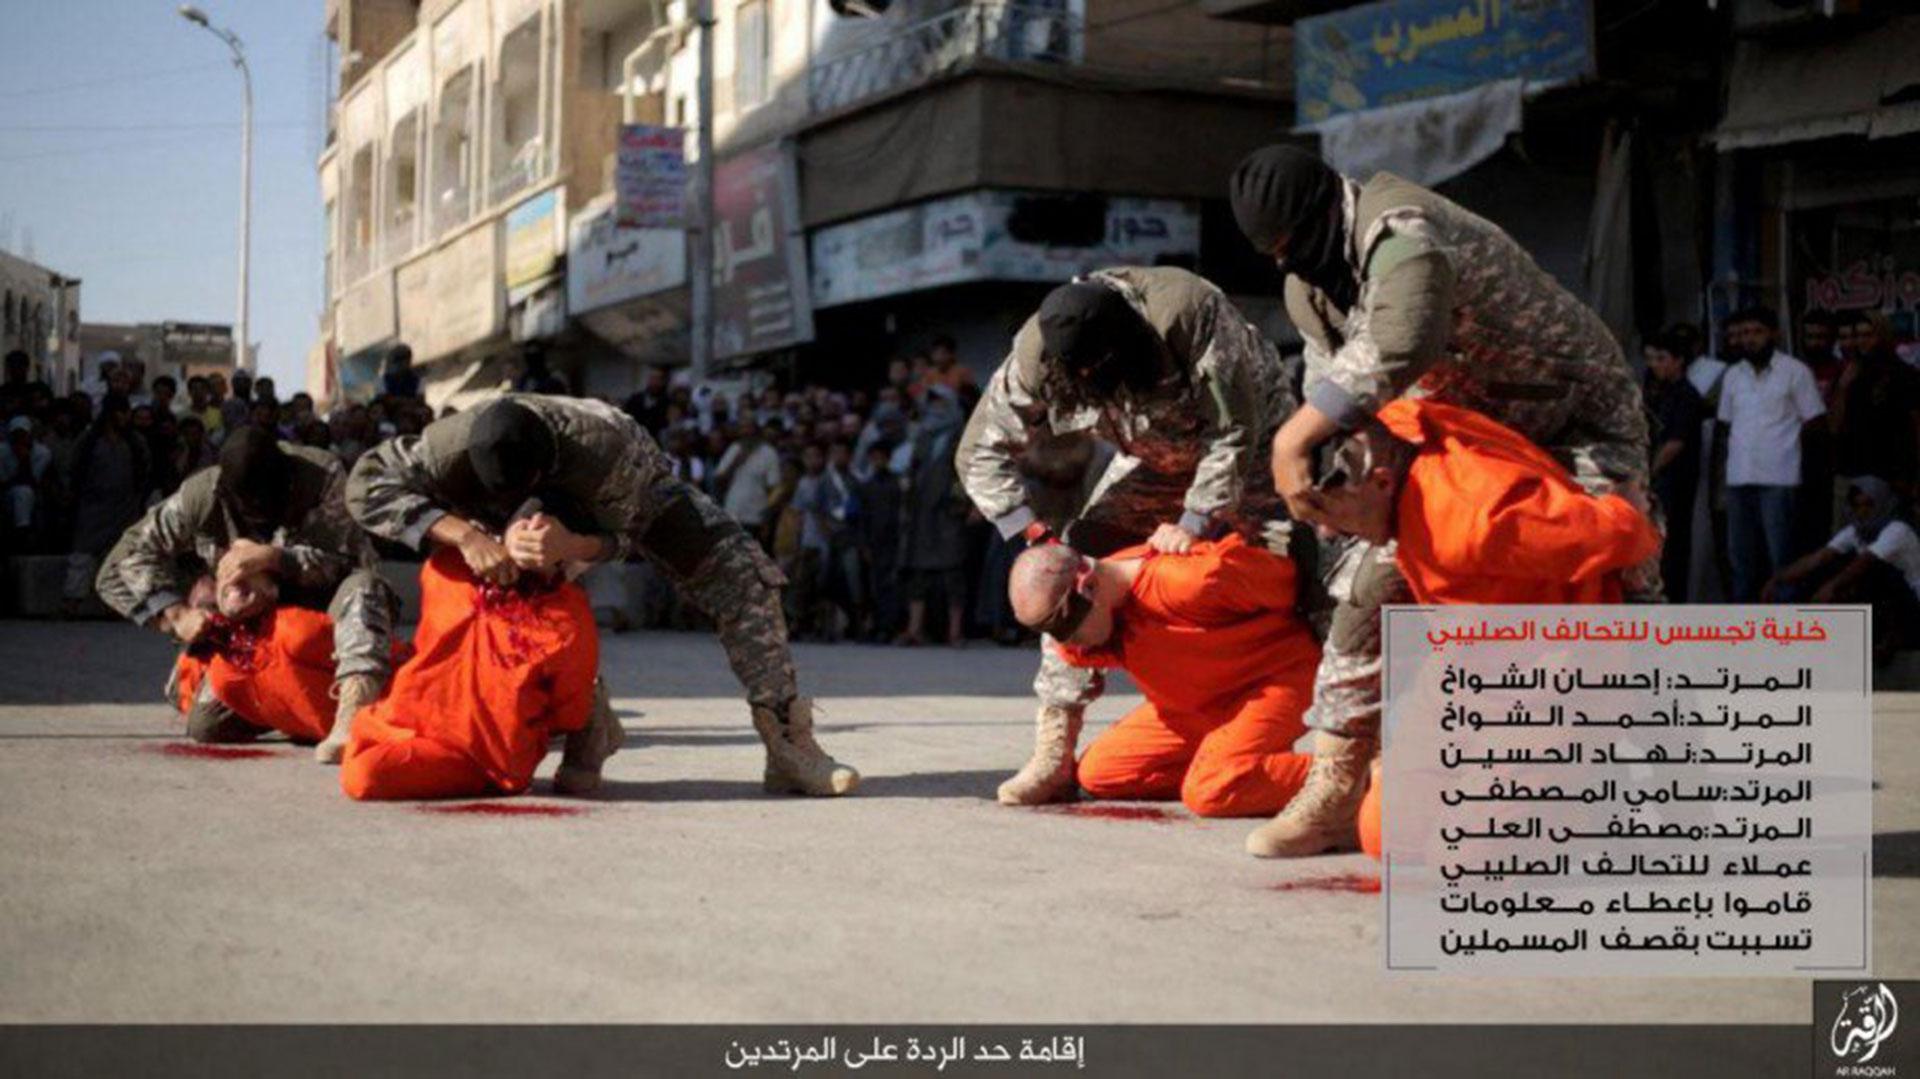 Así fueron decapitados los futbolistas sirios en plena calle de Raqqa por cuatro terroristas de ISIS